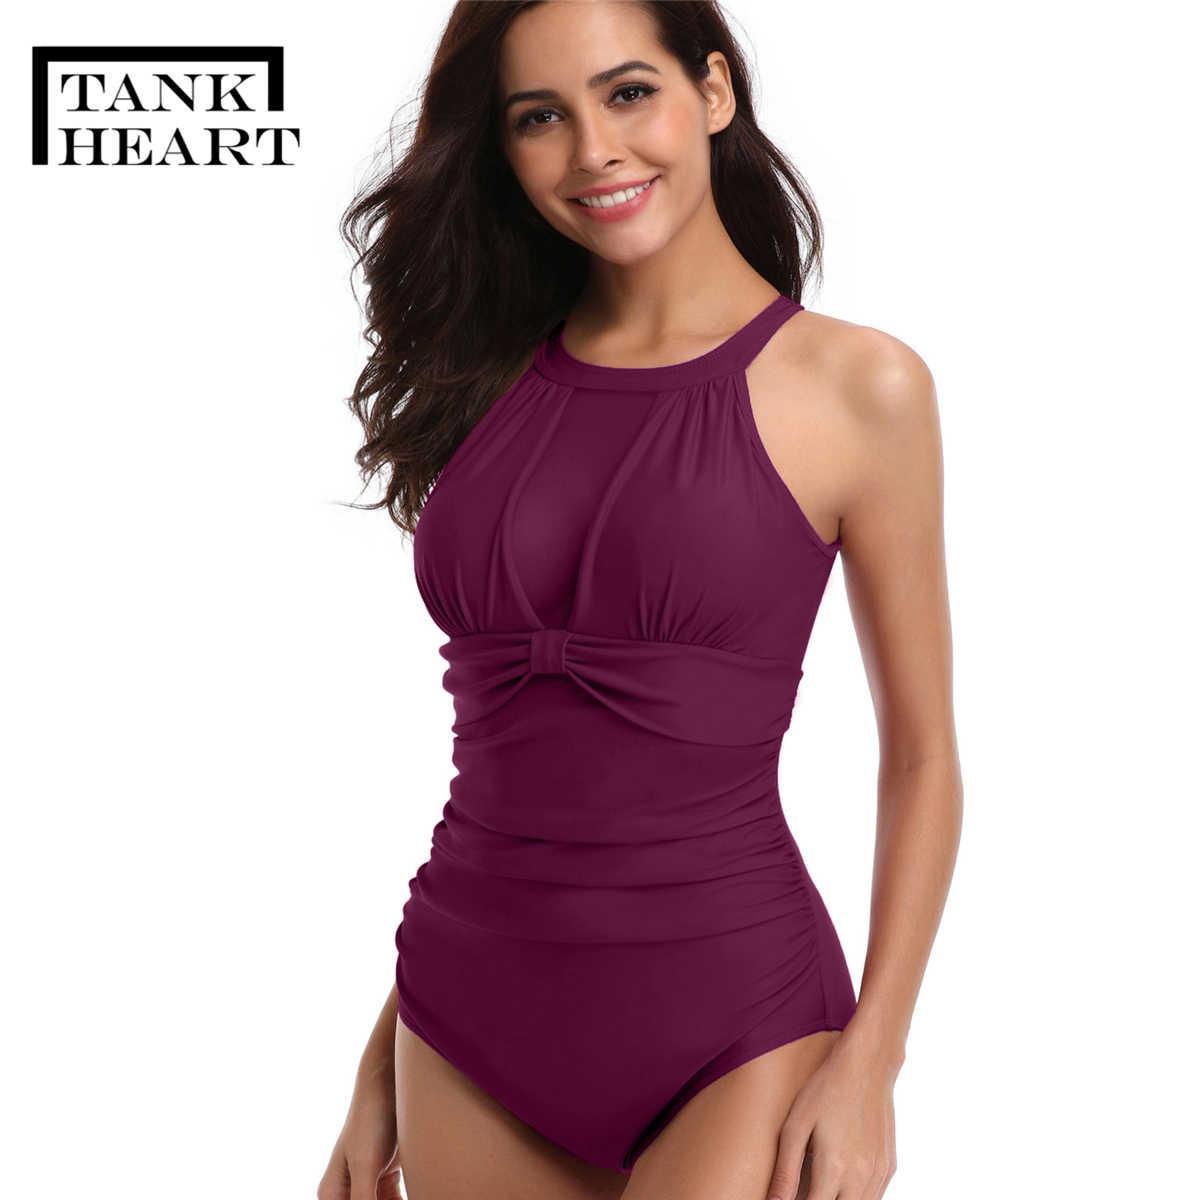 Сетчатый сексуальный купальник, сдельный Купальник для женщин, плюс размер, цельные костюмы, трикини, пуш-ап, монокини, купальники, ff, бразильский боди, костюм